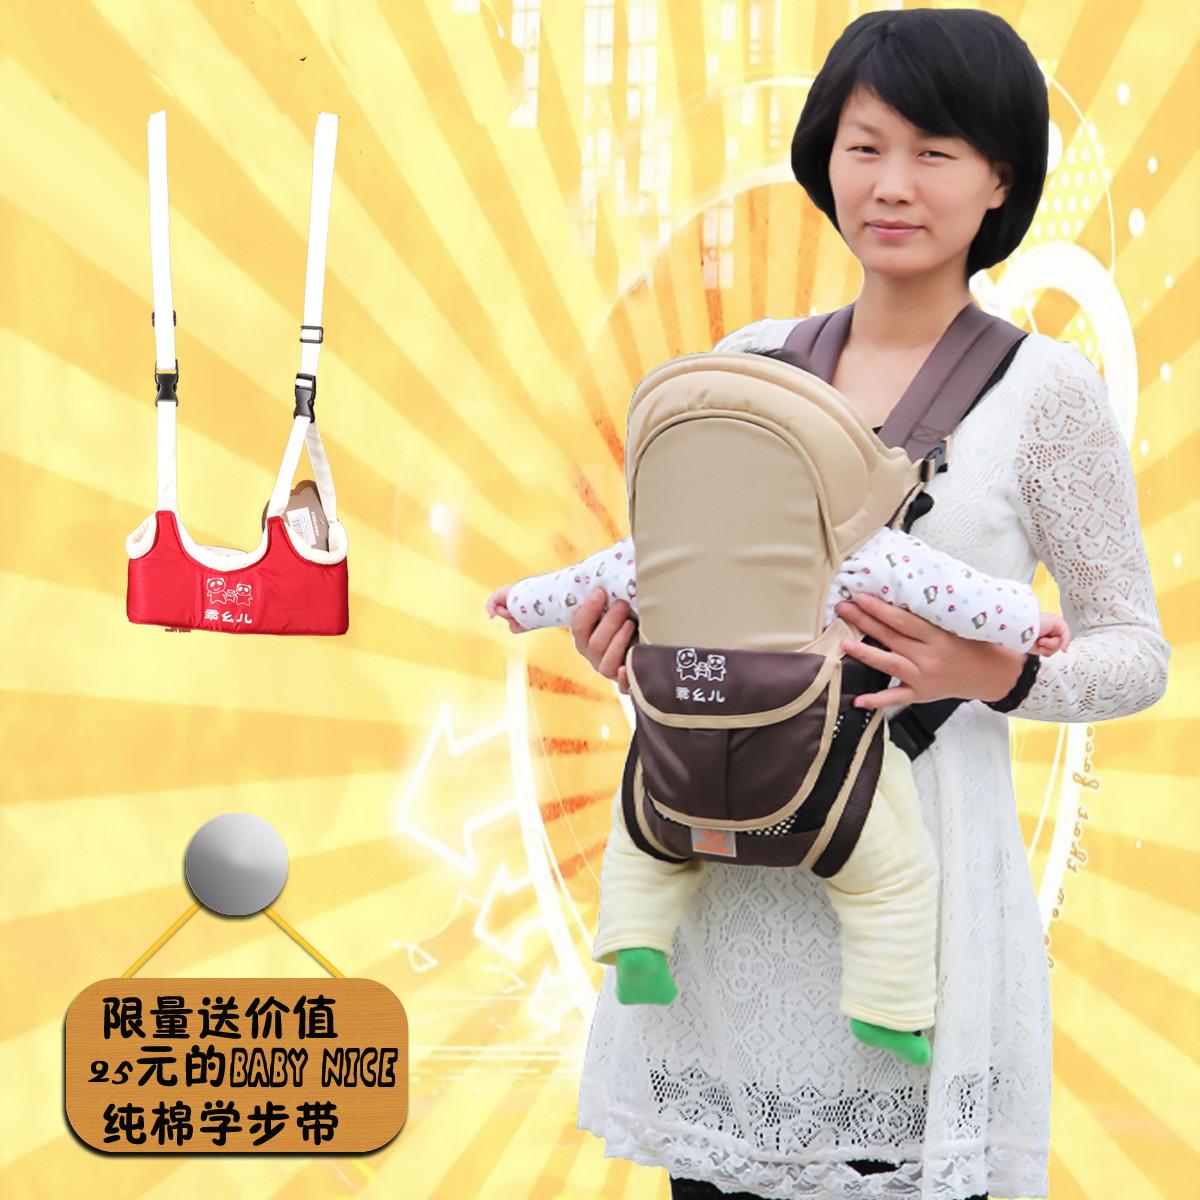 出口品质婴儿双肩背带双肩宝宝背带 多功能背带 抱婴腰凳正品包邮